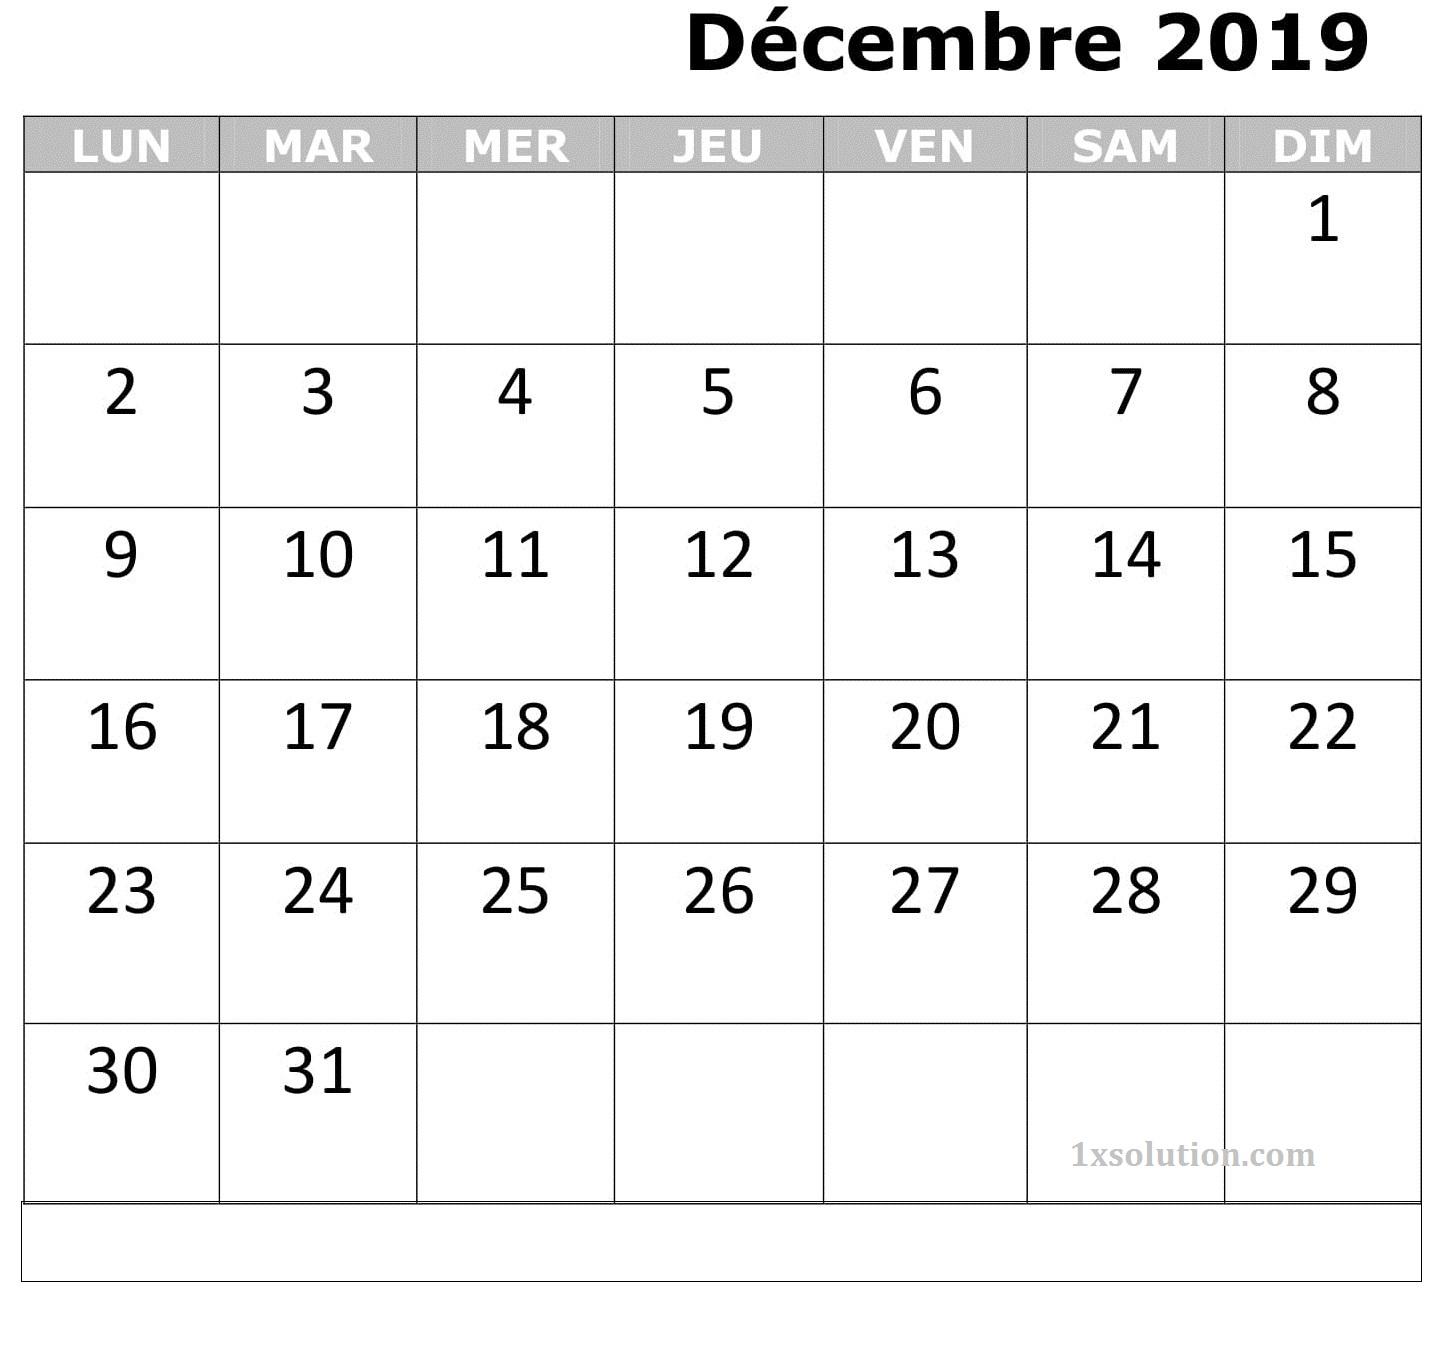 Calendrier Mois Décembre 2019 PDF